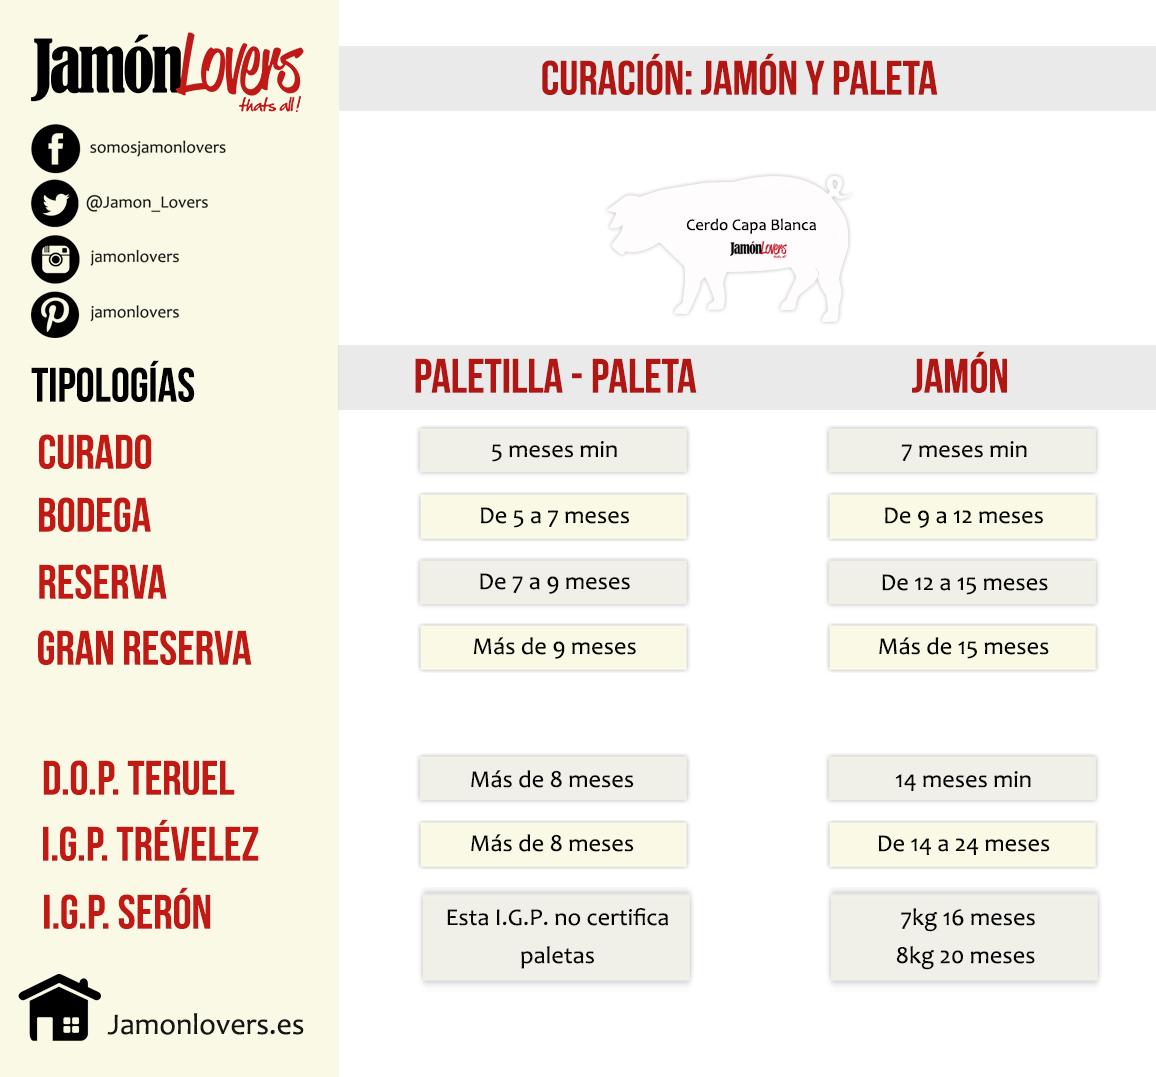 Diferencia entre Jamón y Paletilla. Cerdo blanco.